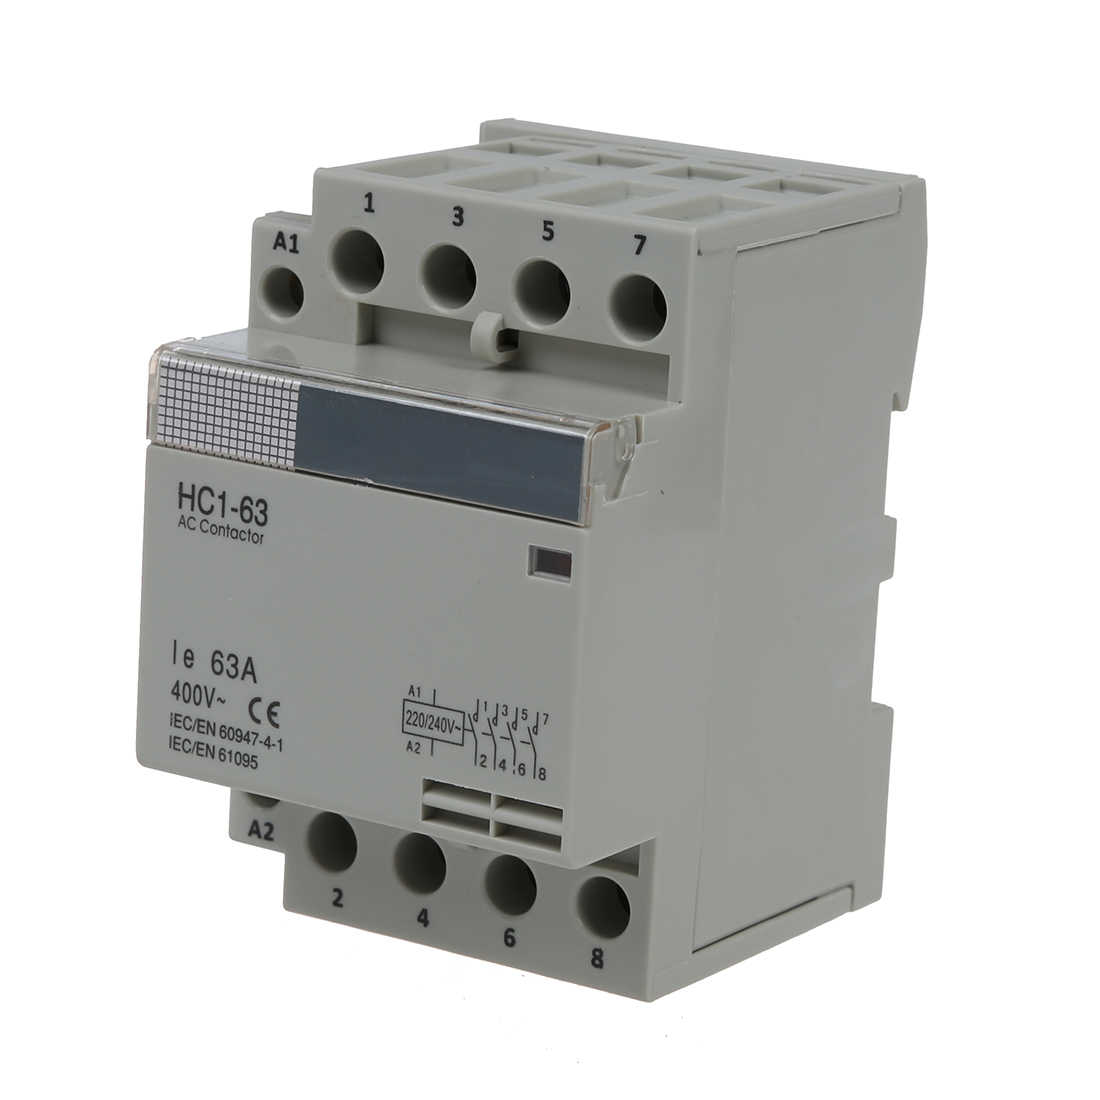 35 мм DIN поддержка viAC400V 634 pin модульный AC контактор для дома